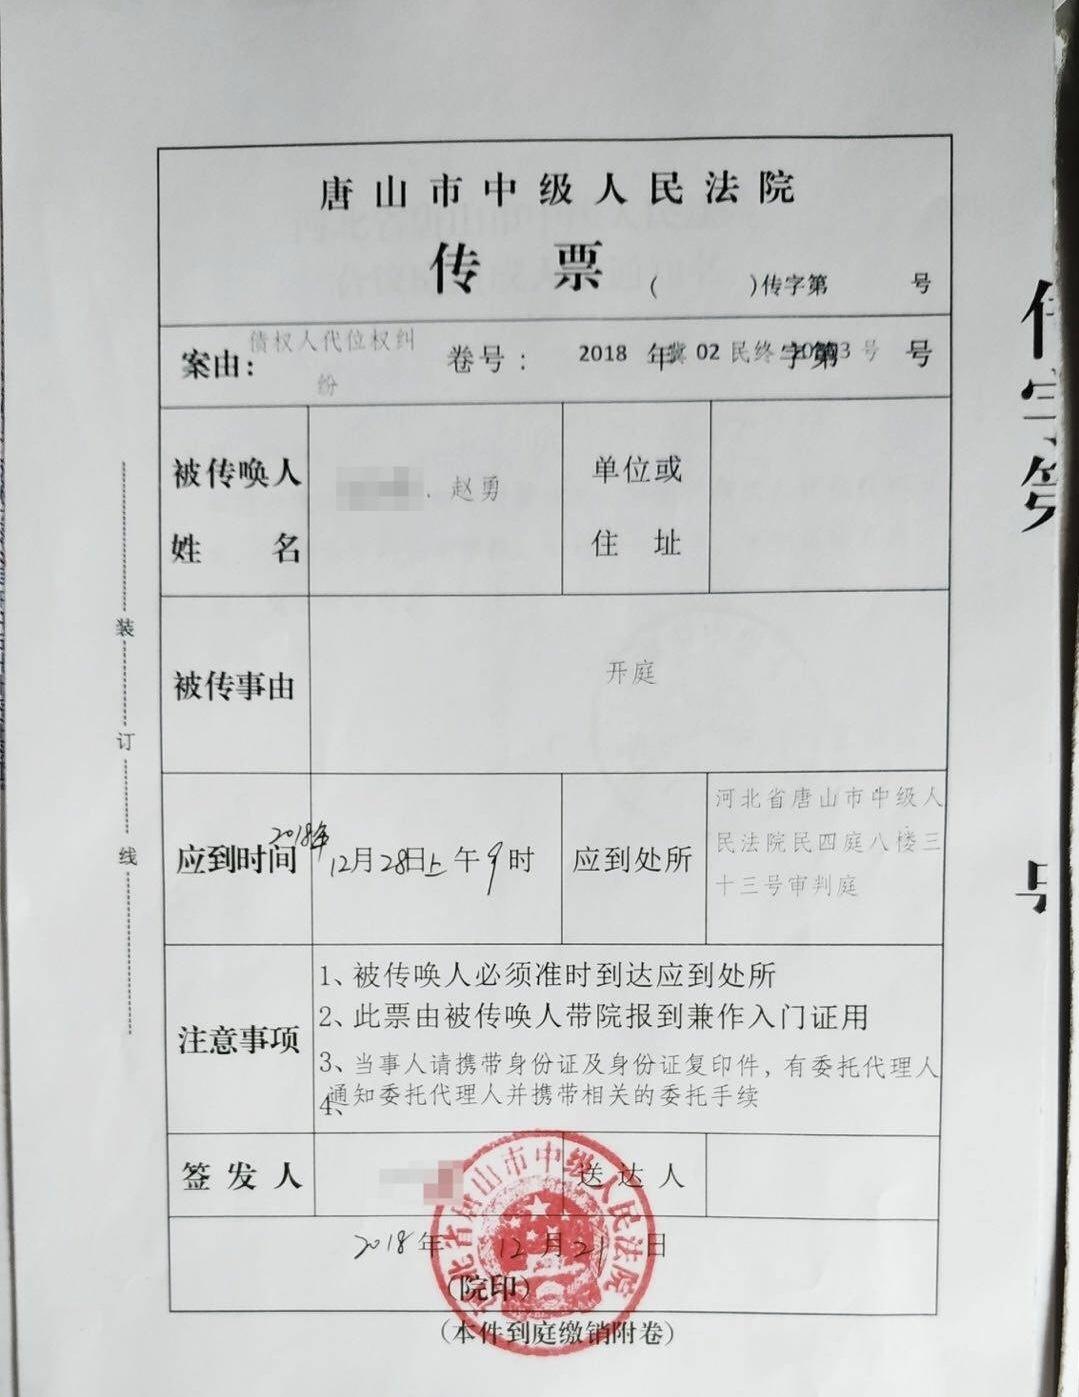 赵勇诉黄淑芬财产分割一案,唐山市中级人民法院已受理,并将于12月28日二审开庭。受访者供图